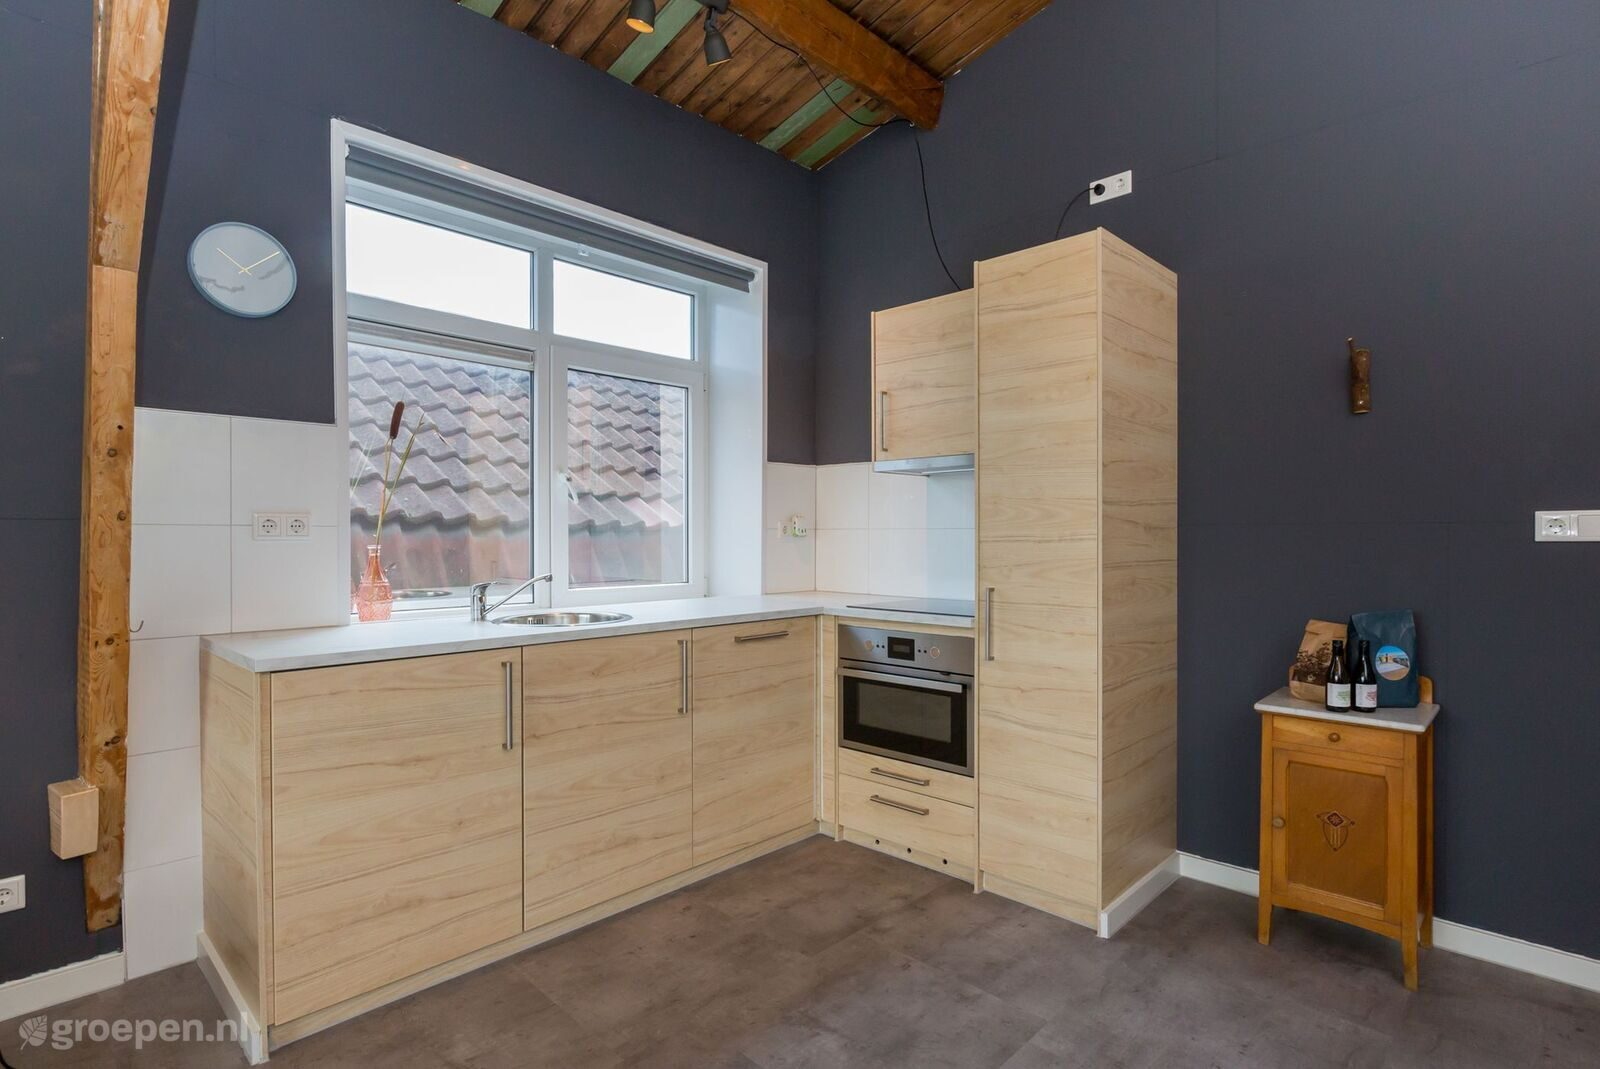 Group accommodation Koudekerke